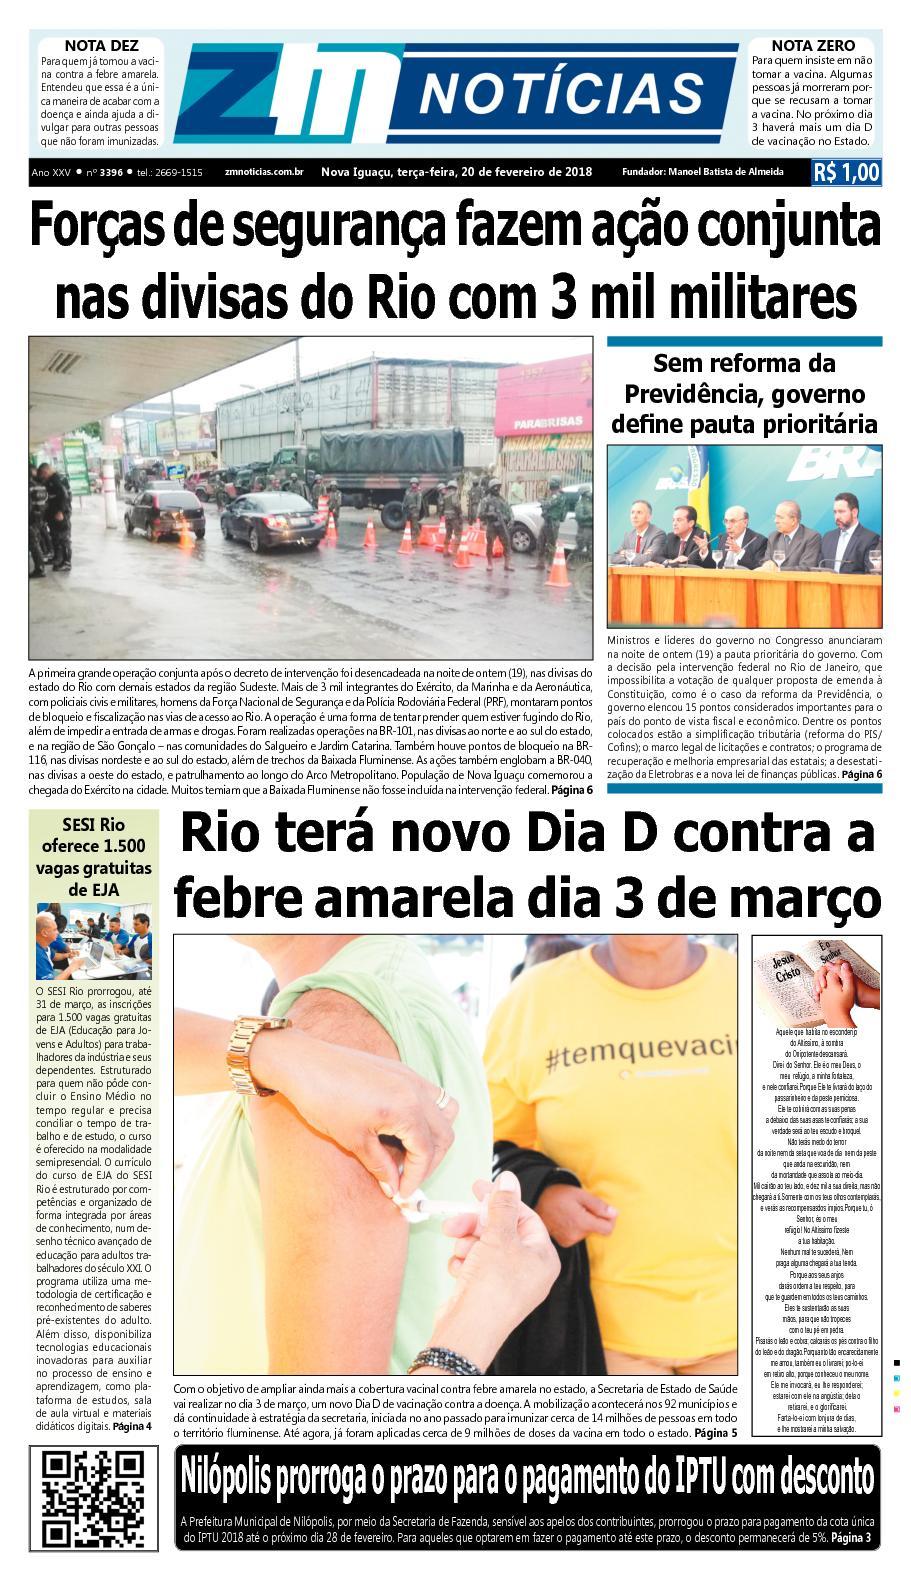 ZM Noticias - Edição 200218